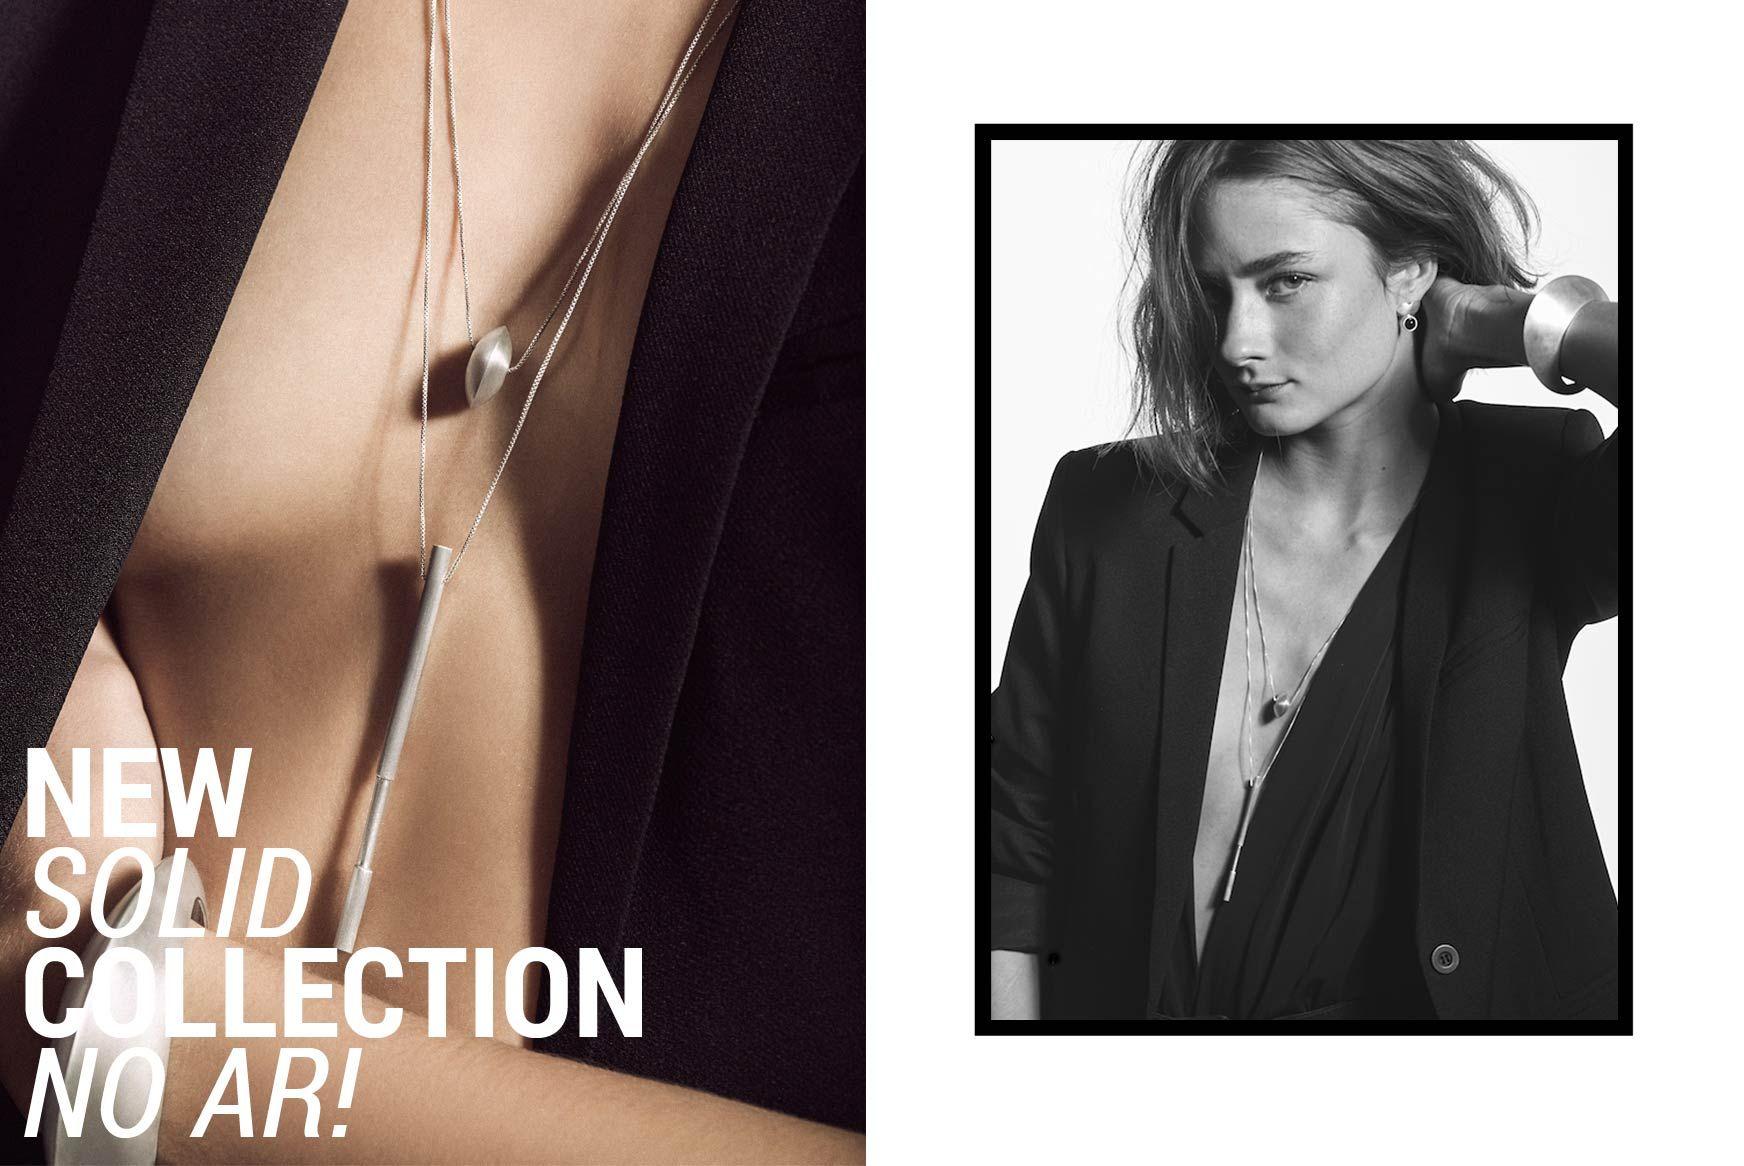 Joias minimalistas em prata para mulheres que gostam de acessórios com twist chique e cool. Shop Online: Brincos, Colares, Anéis e Pulseiras.